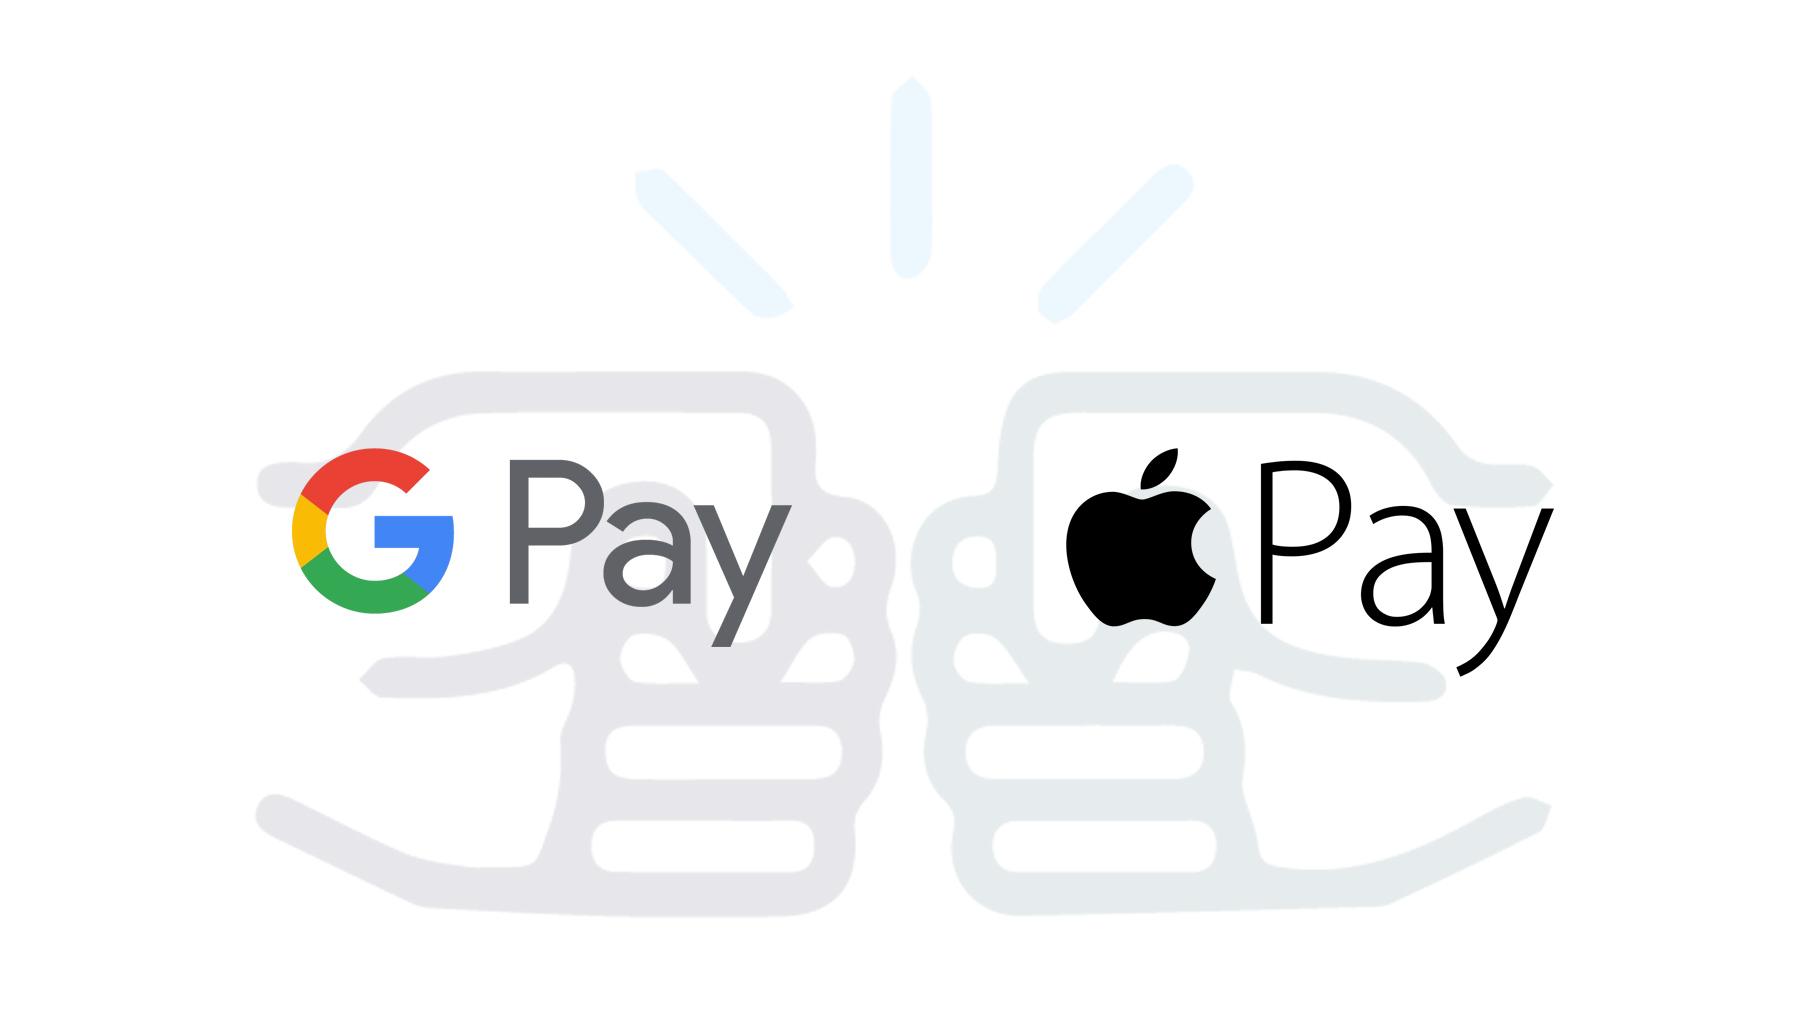 Apple Pay převálcoval Google Pay – srovnání po prvním týdnu od spuštění